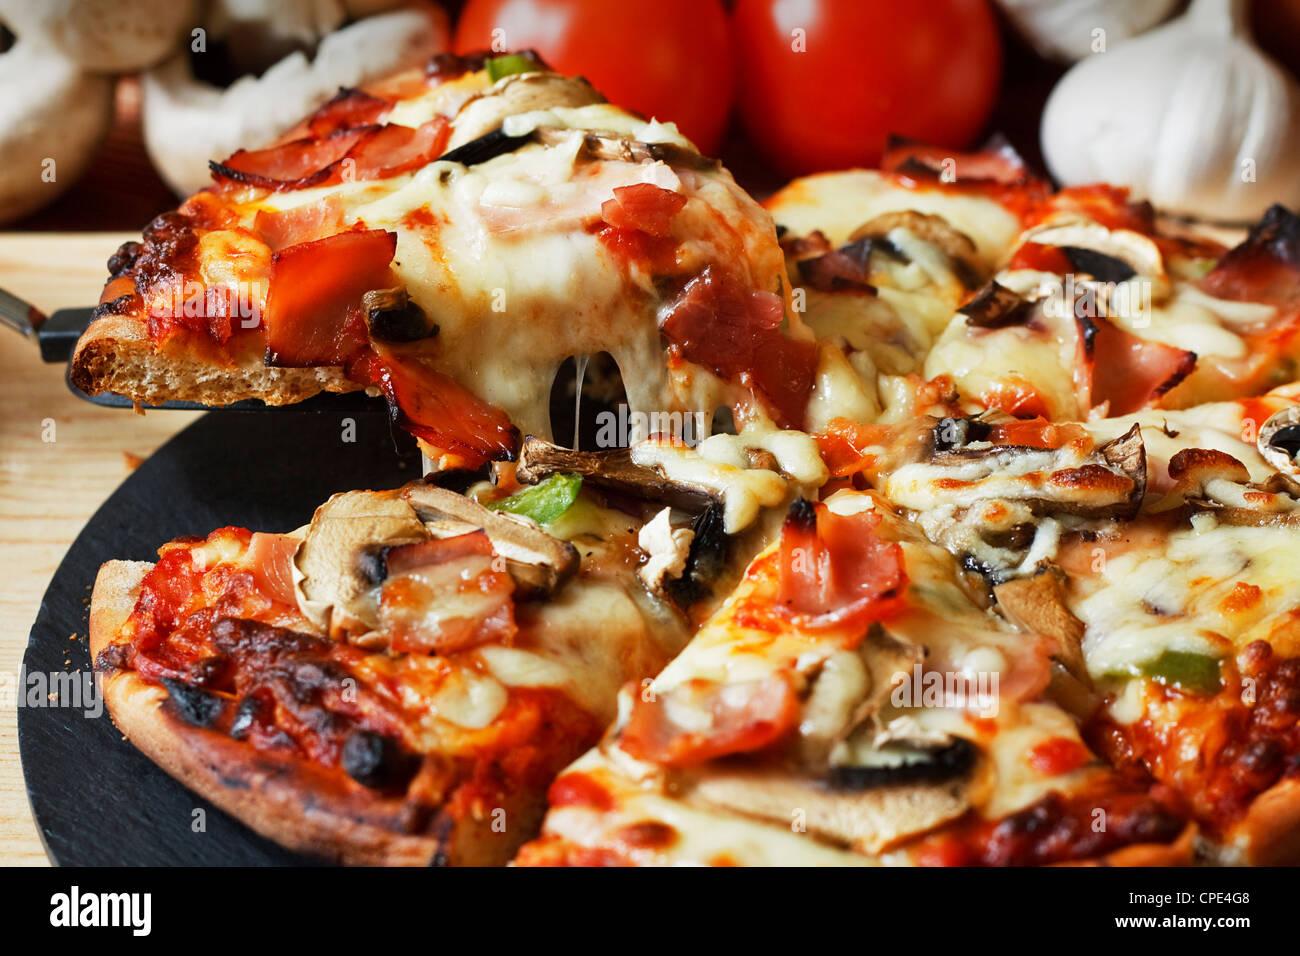 Servir rebanada de jamón y champiñones pizza con cierre en finas de queso mozzarella derretido Imagen De Stock